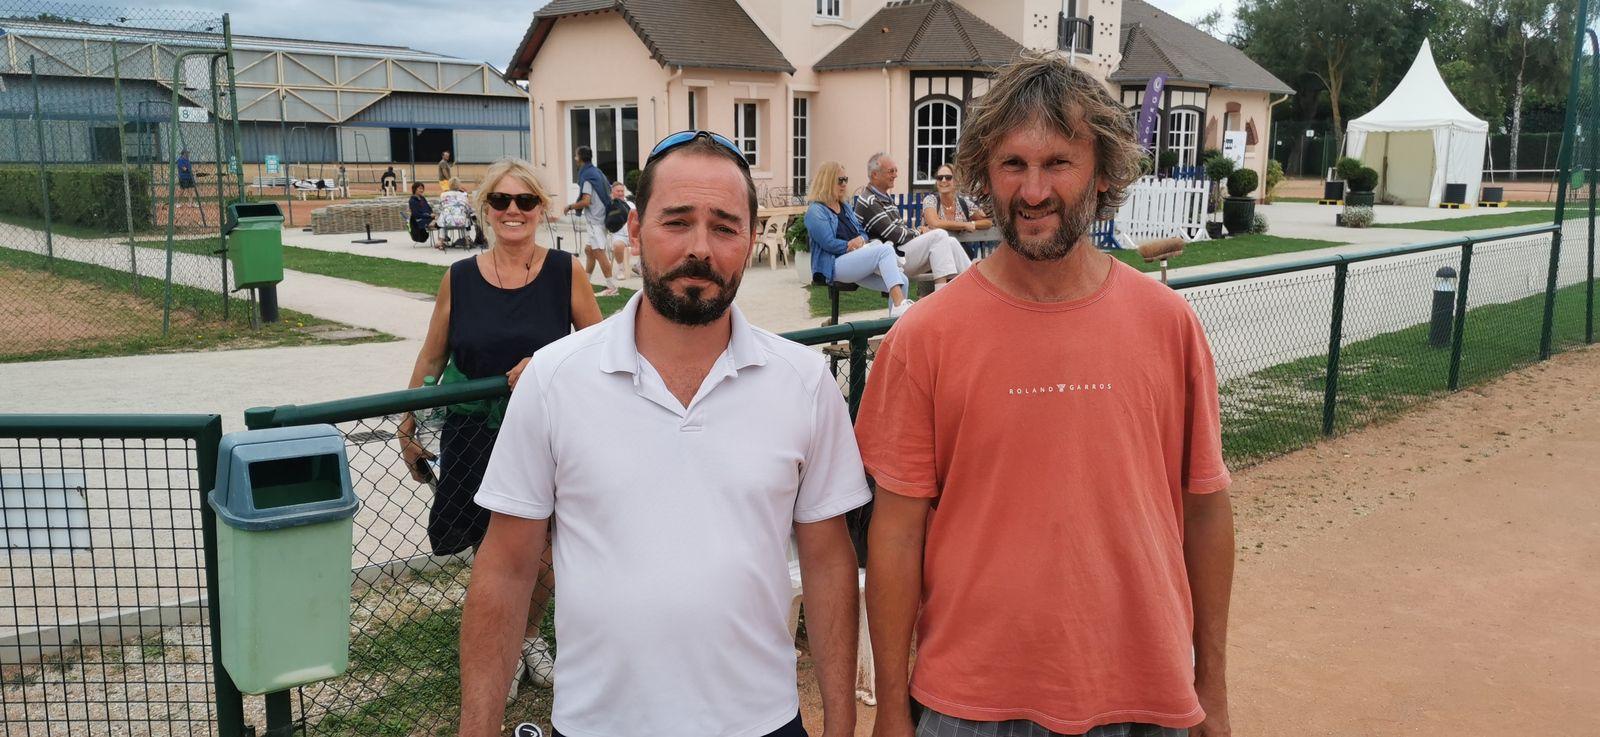 Marc Lesaffre 30/2 Tennis Evolutif du Tremblay gagne contre Nicolas Thommeret 30 Saint-Aubin